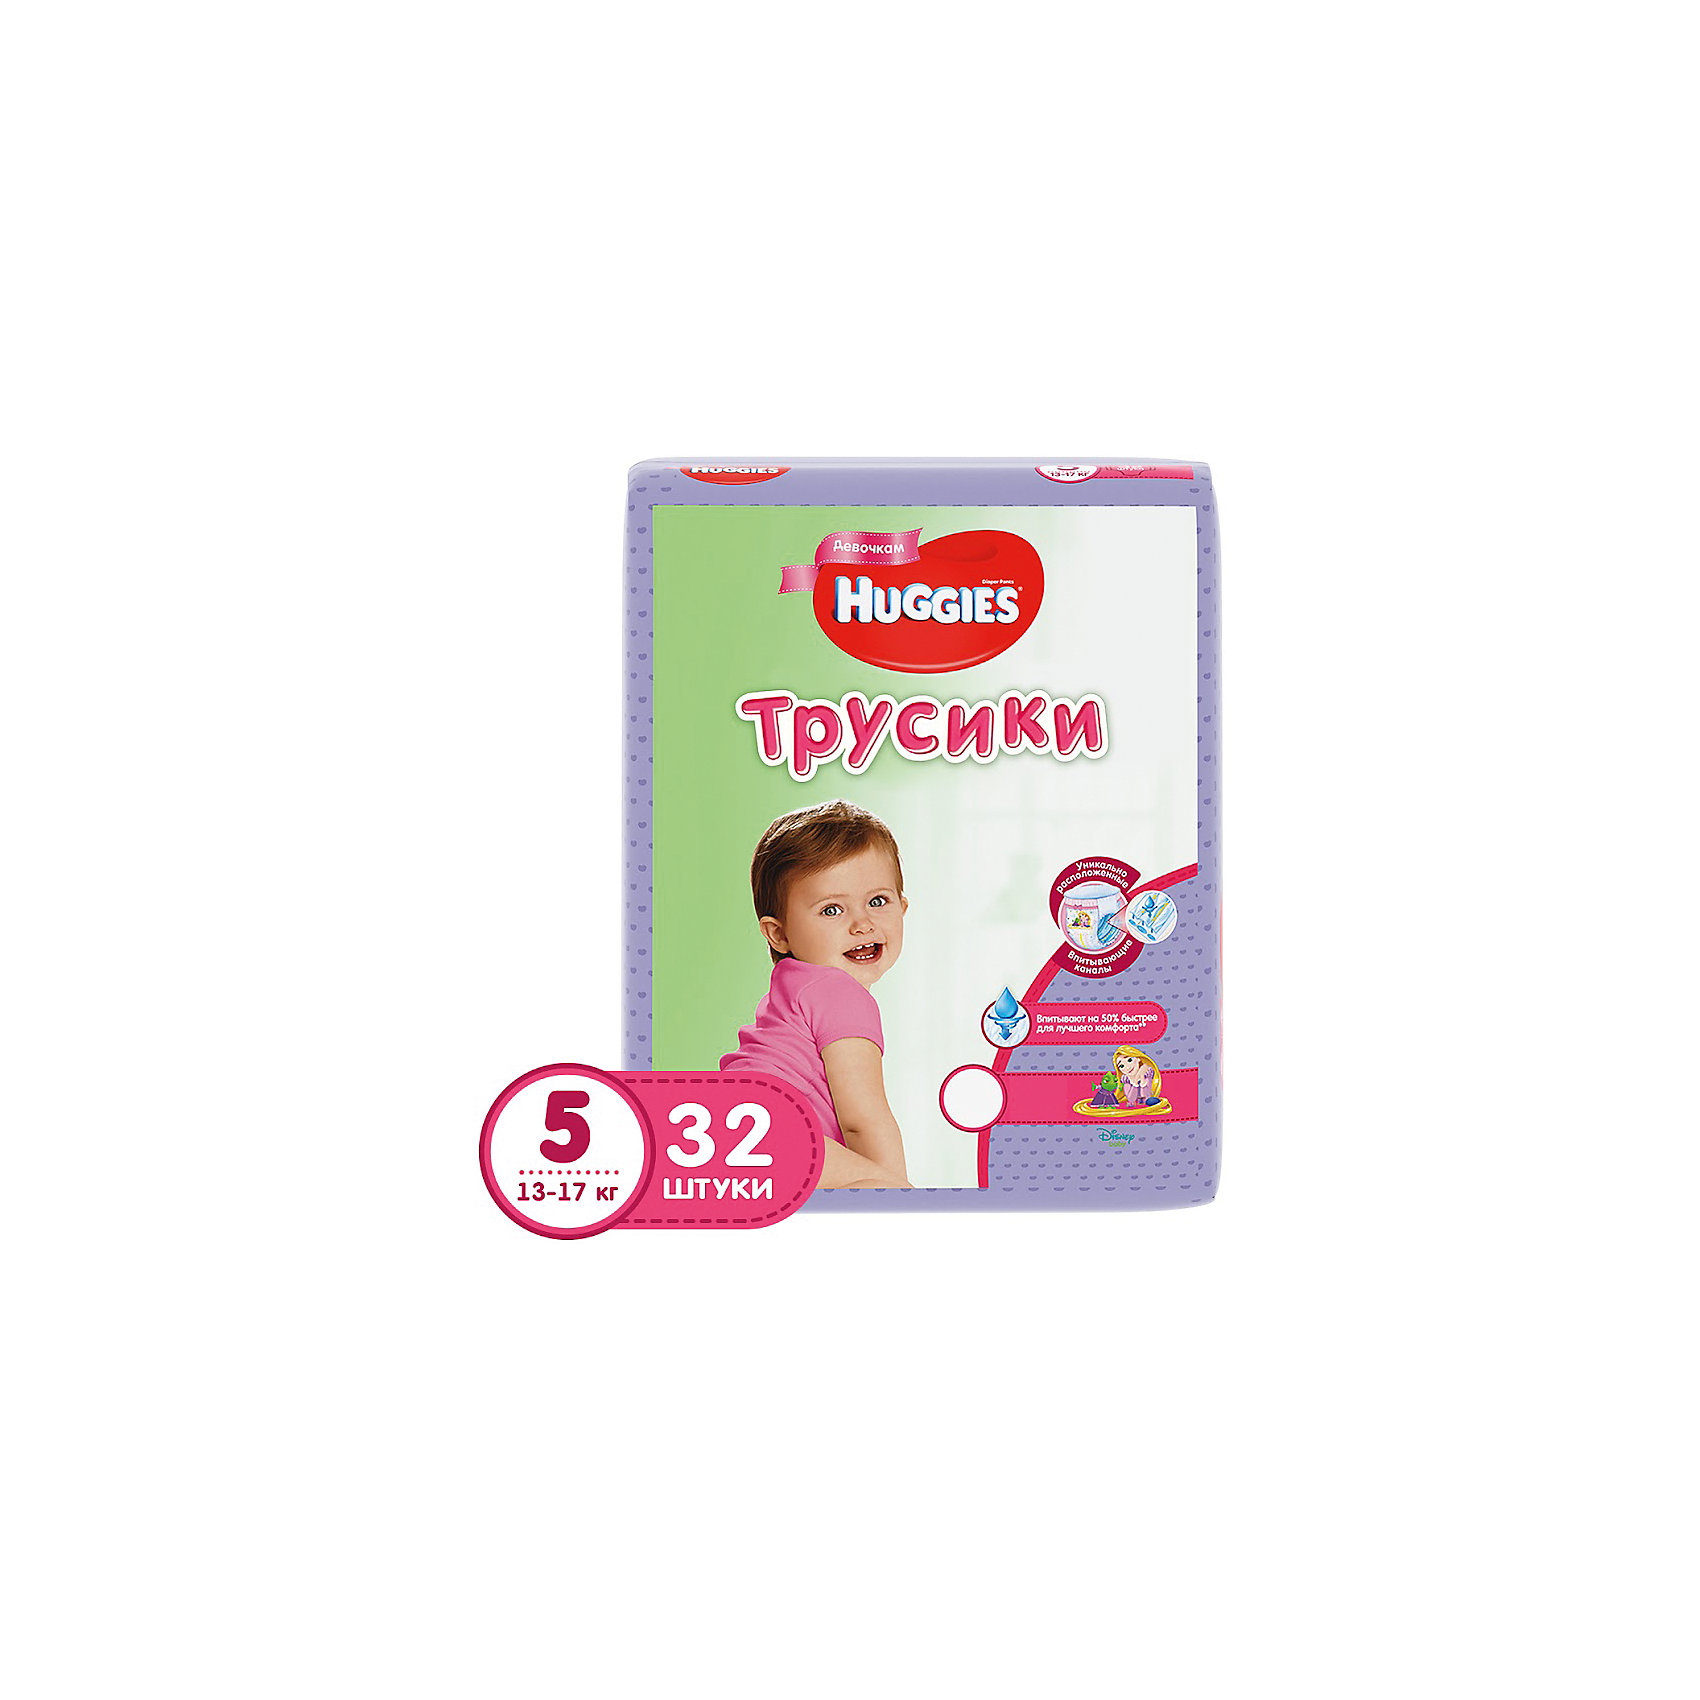 HUGGIES Трусики-подгузники 5 для девочек джамбо, 13-17 кг, 32 шт., Huggies трусики подгузники для мальчиков солнце и луна нежное прикосновение 5 13 20 кг 40 шт